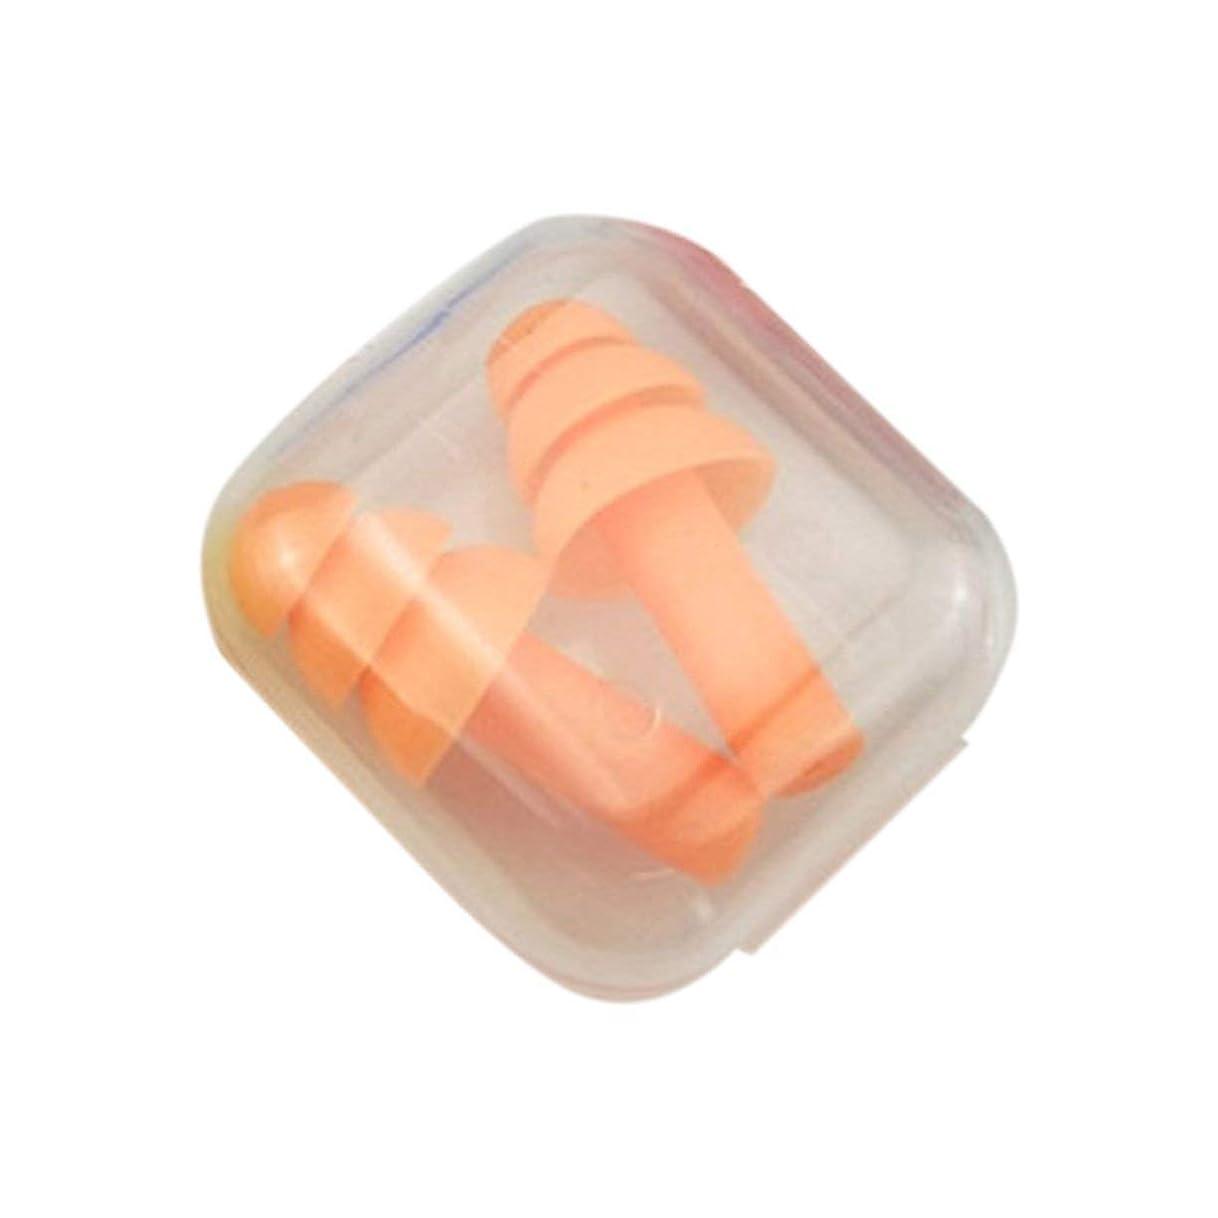 供給測定可能拡声器柔らかいシリコーンの耳栓遮音用耳の保護用の耳栓防音睡眠ボックス付き収納ボックス - オレンジ